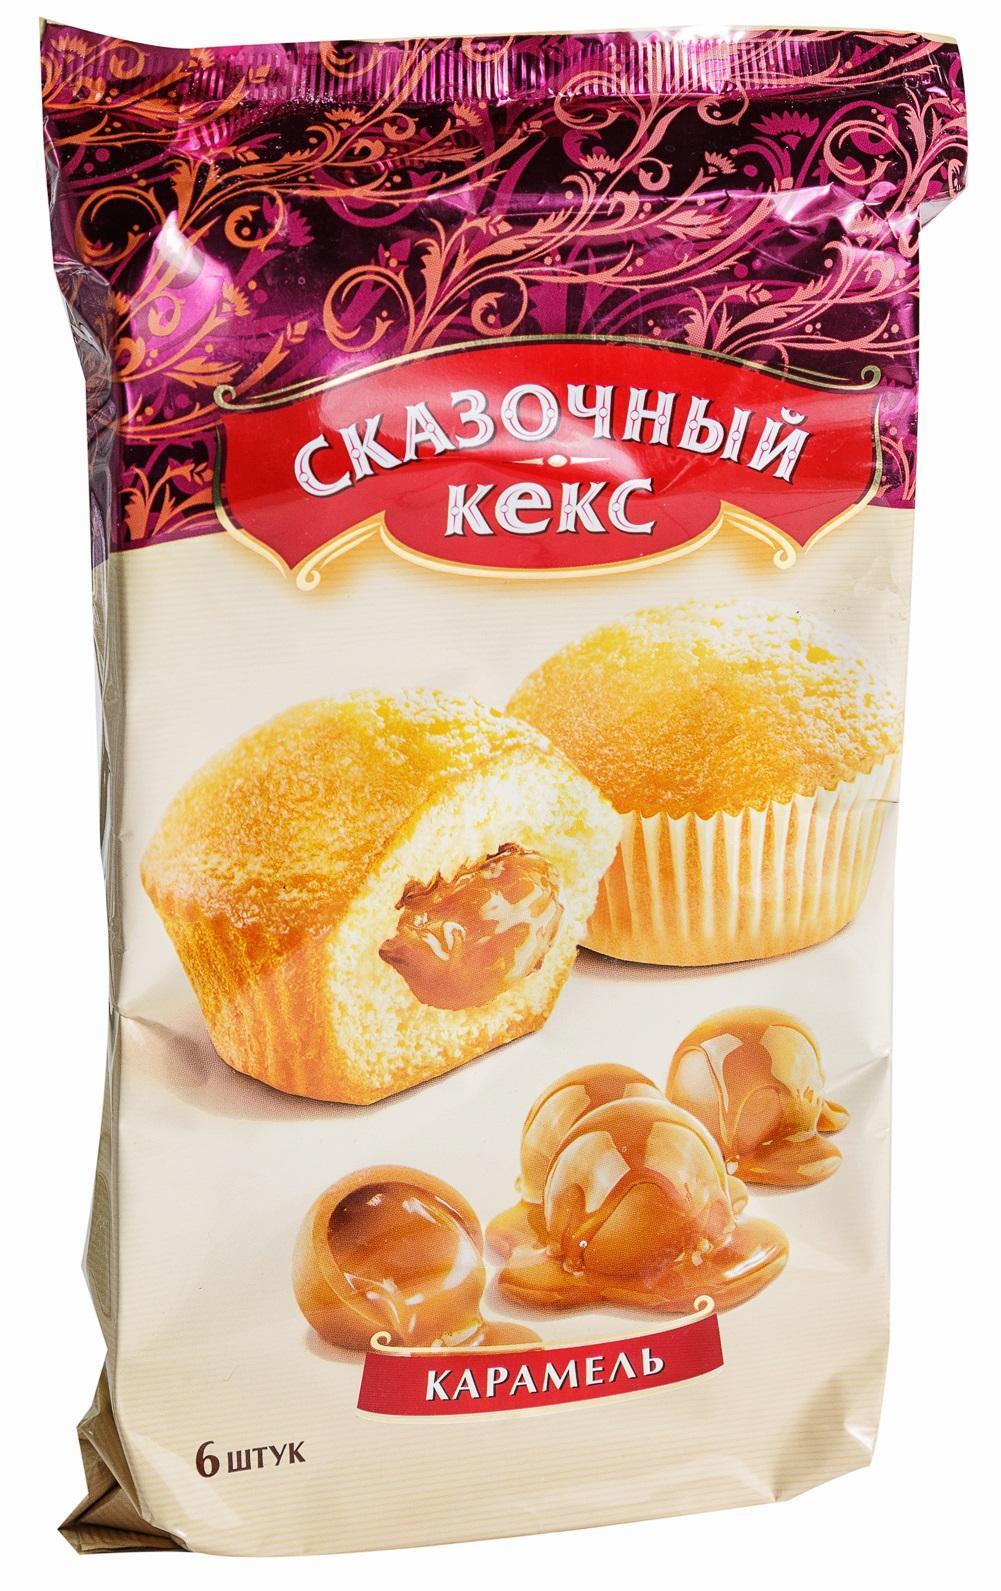 Кекс Сказочный Мини-маффин Карамельный крем 6шт.